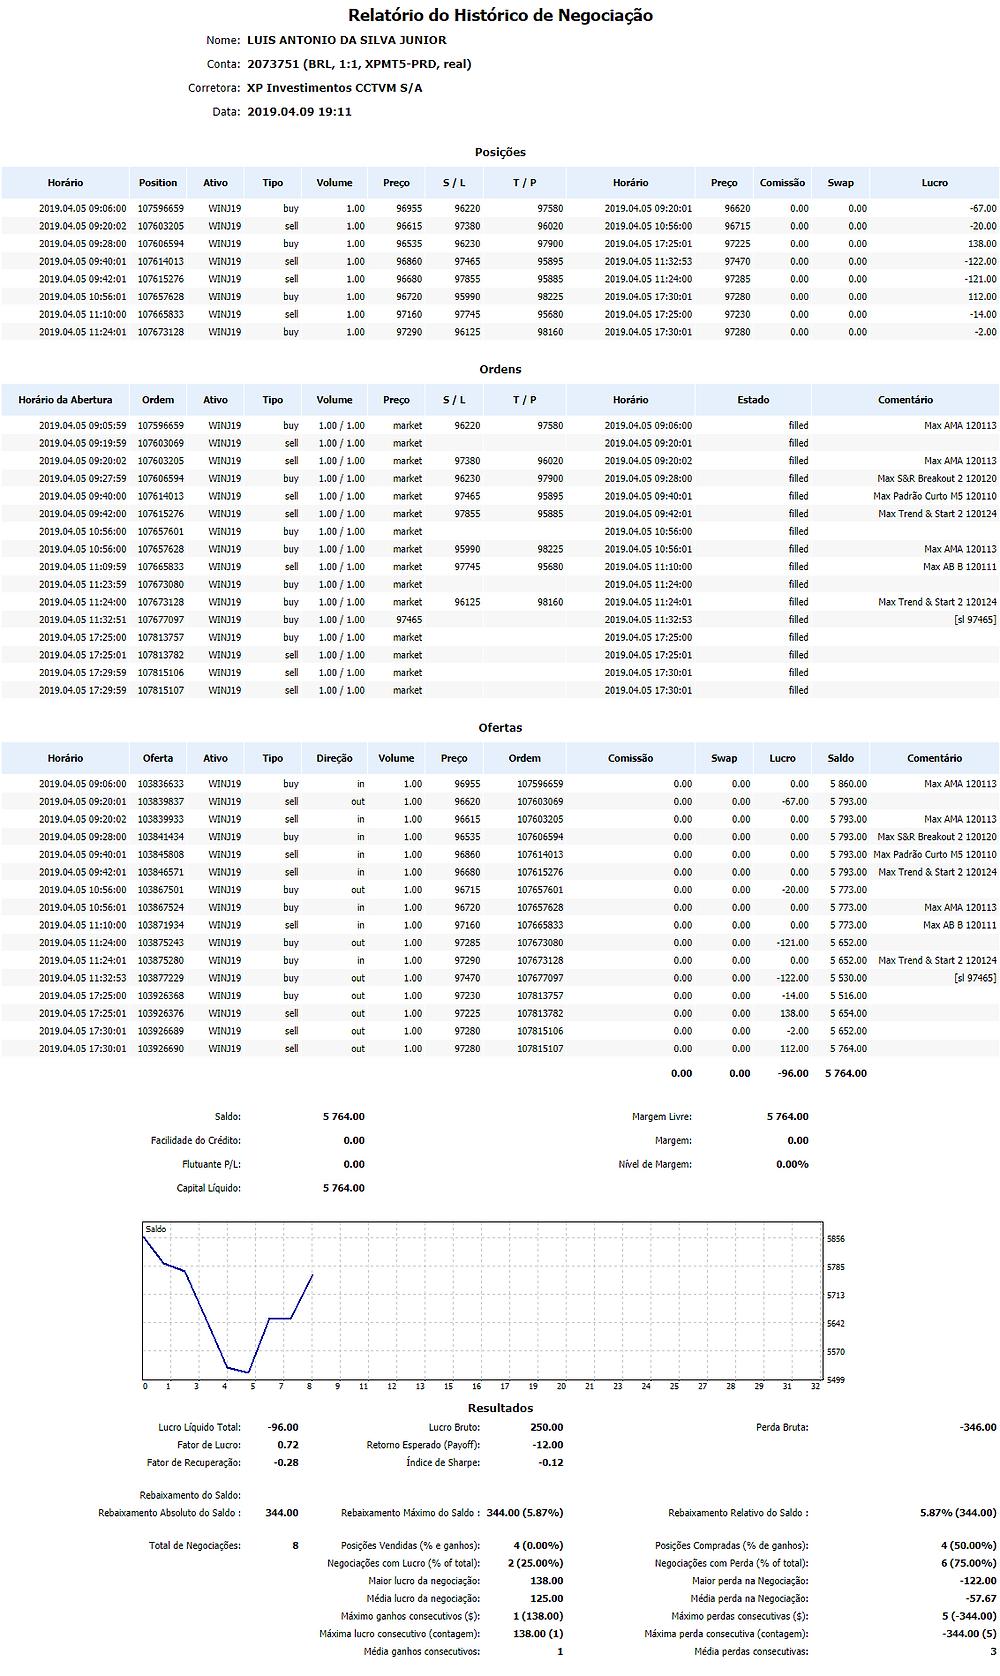 Relatório do Histórico de Negociação Nome:LUIS ANTONIO DA SILVA JUNIOR Conta:2073751 (BRL, 1:1, XPMT5-PRD, real) Corretora:XP Investimentos CCTVM S/A Data:2019.04.09 19:11 Posições HorárioPositionAtivoTipoVolumePreçoS / LT / PHorárioPreçoComissãoSwapLucro 2019.04.05 09:06:00107596659WINJ19buy1.009695596220975802019.04.05 09:20:01966200.000.00-67.00 2019.04.05 09:20:02107603205WINJ19sell1.009661597380960202019.04.05 10:56:00967150.000.00-20.00 2019.04.05 09:28:00107606594WINJ19buy1.009653596230979002019.04.05 17:25:01972250.000.00138.00 2019.04.05 09:40:01107614013WINJ19sell1.009686097465958952019.04.05 11:32:53974700.000.00-122.00 2019.04.05 09:42:01107615276WINJ19sell1.009668097855958852019.04.05 11:24:00972850.000.00-121.00 2019.04.05 10:56:01107657628WINJ19buy1.009672095990982252019.04.05 17:30:01972800.000.00112.00 2019.04.05 11:10:00107665833WINJ19sell1.009716097745956802019.04.05 17:25:00972300.000.00-14.00 2019.04.05 11:24:01107673128WINJ19buy1.009729096125981602019.04.05 17:30:01972800.000.00-2.00 Ordens Horário da AberturaOrdemAtivoTipoVolumePreçoS / LT / PHorárioEstadoComentário 2019.04.05 09:05:59107596659WINJ19buy1.00 / 1.00market96220975802019.04.05 09:06:00filledMax AMA 120113 2019.04.05 09:19:59107603069WINJ19sell1.00 / 1.00market2019.04.05 09:20:01filled 2019.04.05 09:20:02107603205WINJ19sell1.00 / 1.00market97380960202019.04.05 09:20:02filledMax AMA 120113 2019.04.05 09:27:59107606594WINJ19buy1.00 / 1.00market96230979002019.04.05 09:28:00filledMax S&R Breakout 2 120120 2019.04.05 09:40:00107614013WINJ19sell1.00 / 1.00market97465958952019.04.05 09:40:01filledMax Padrão Curto M5 120110 2019.04.05 09:42:00107615276WINJ19sell1.00 / 1.00market97855958852019.04.05 09:42:01filledMax Trend & Start 2 120124 2019.04.05 10:56:00107657601WINJ19buy1.00 / 1.00market2019.04.05 10:56:00filled 2019.04.05 10:56:00107657628WINJ19buy1.00 / 1.00market95990982252019.04.05 10:56:01filledMax AMA 120113 2019.04.05 11:09:59107665833WINJ19sell1.00 / 1.00market97745956802019.0